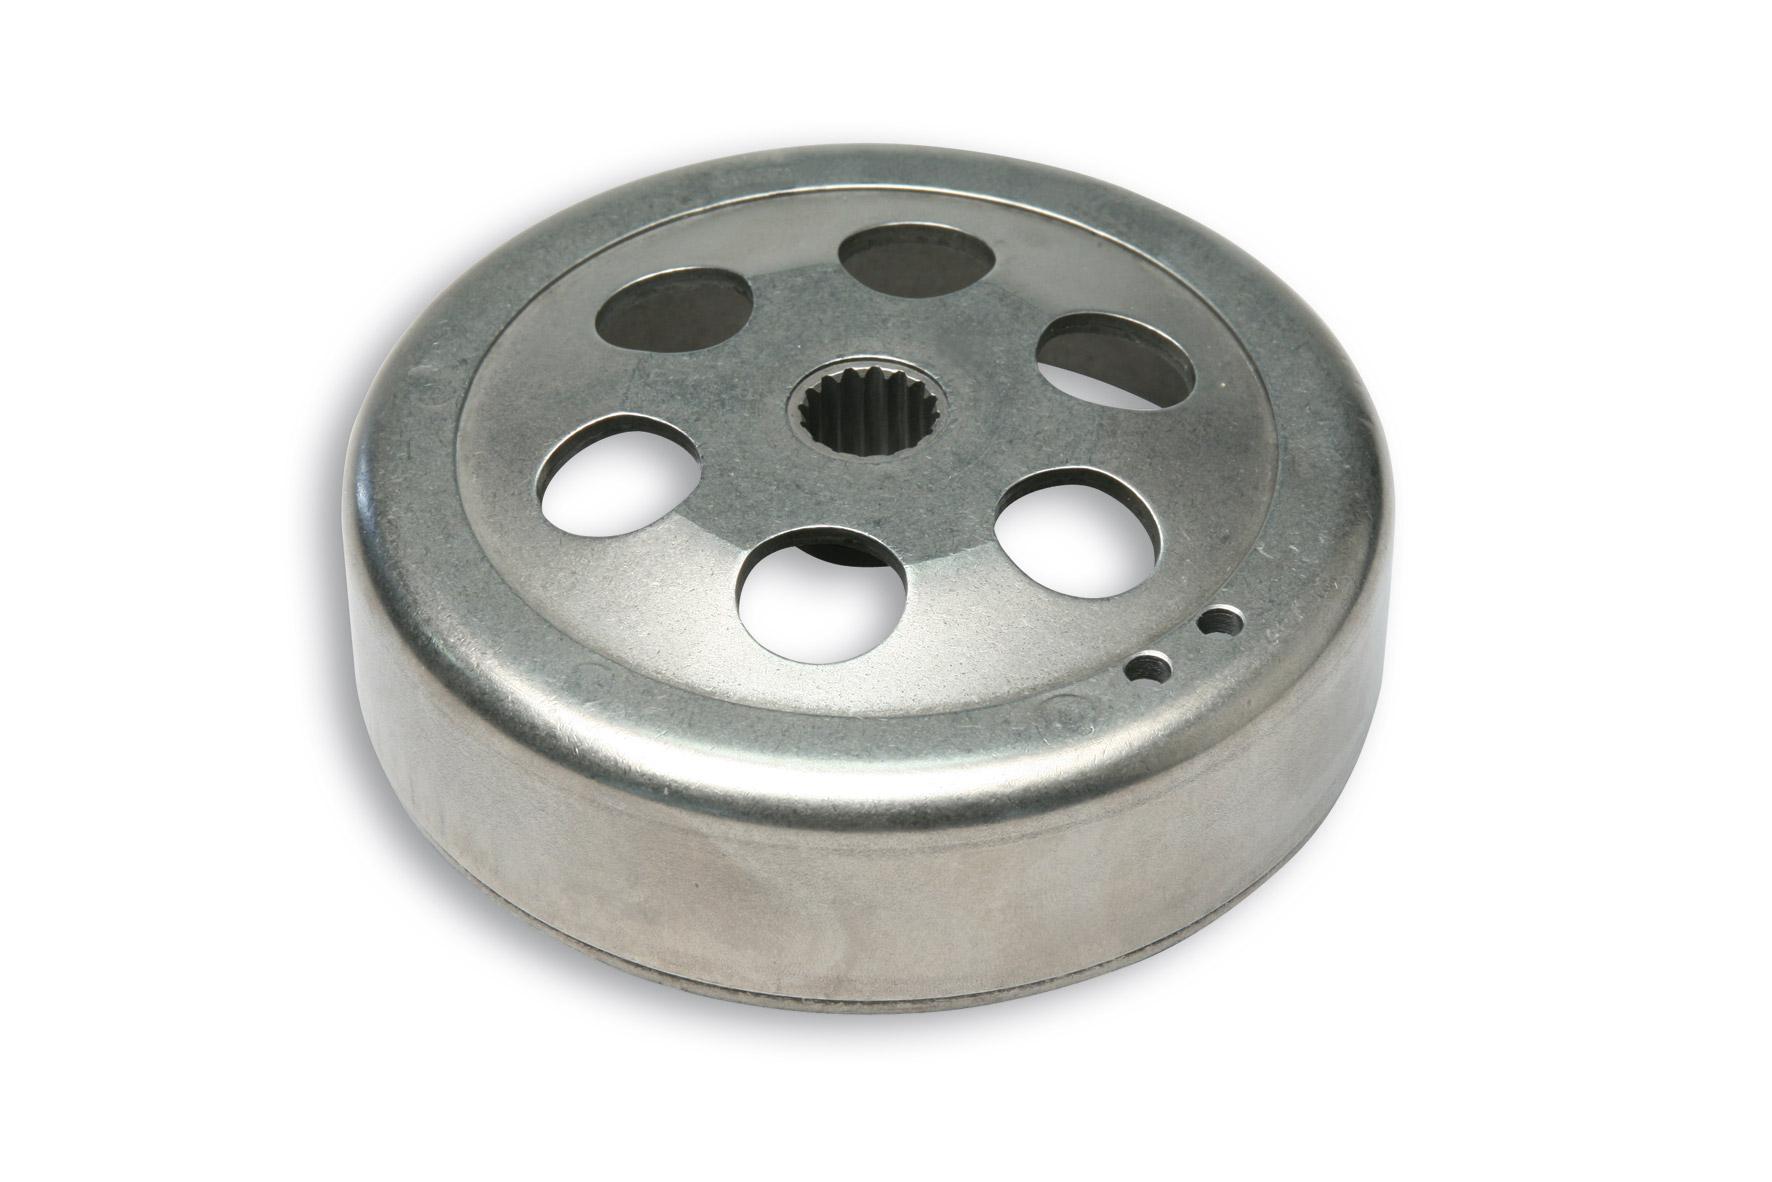 Campana frizione MAXI CLUTCH BELL Ø interno 120 mm